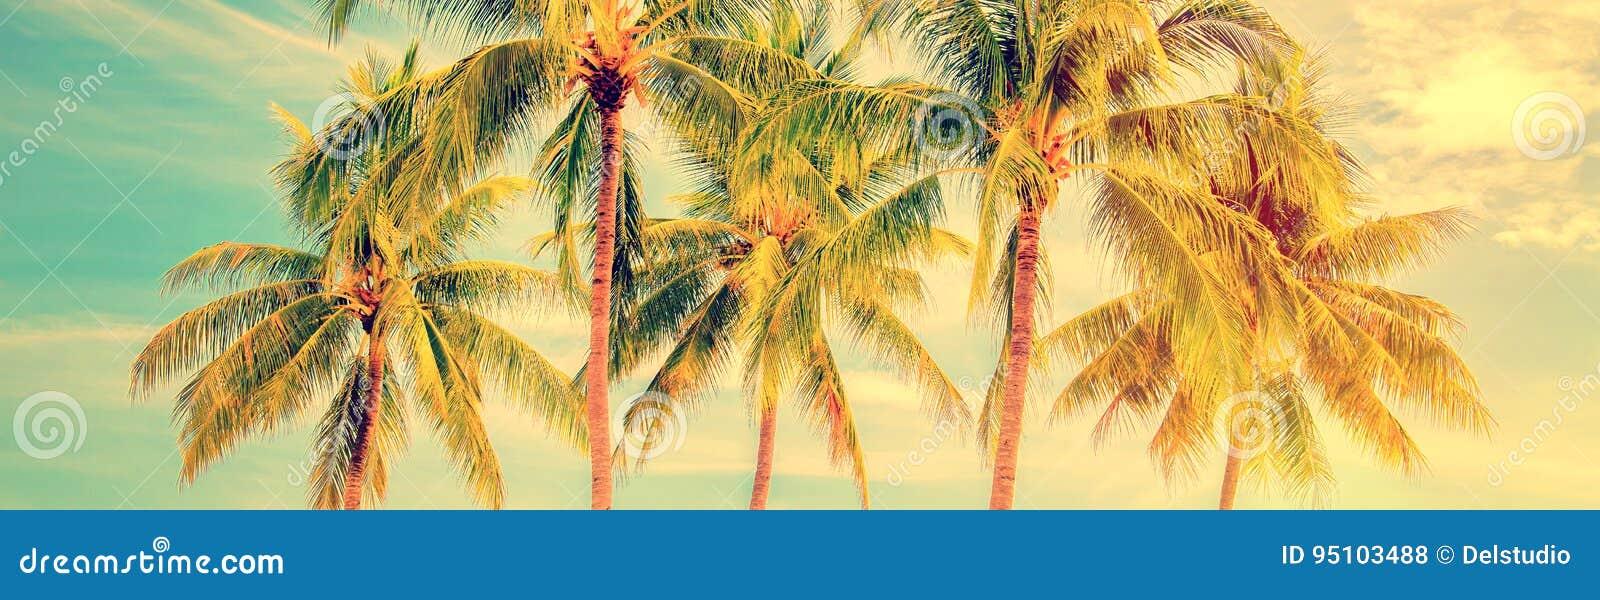 Grupo de palmeras, panorama del verano del estilo del vintage, concepto del viaje